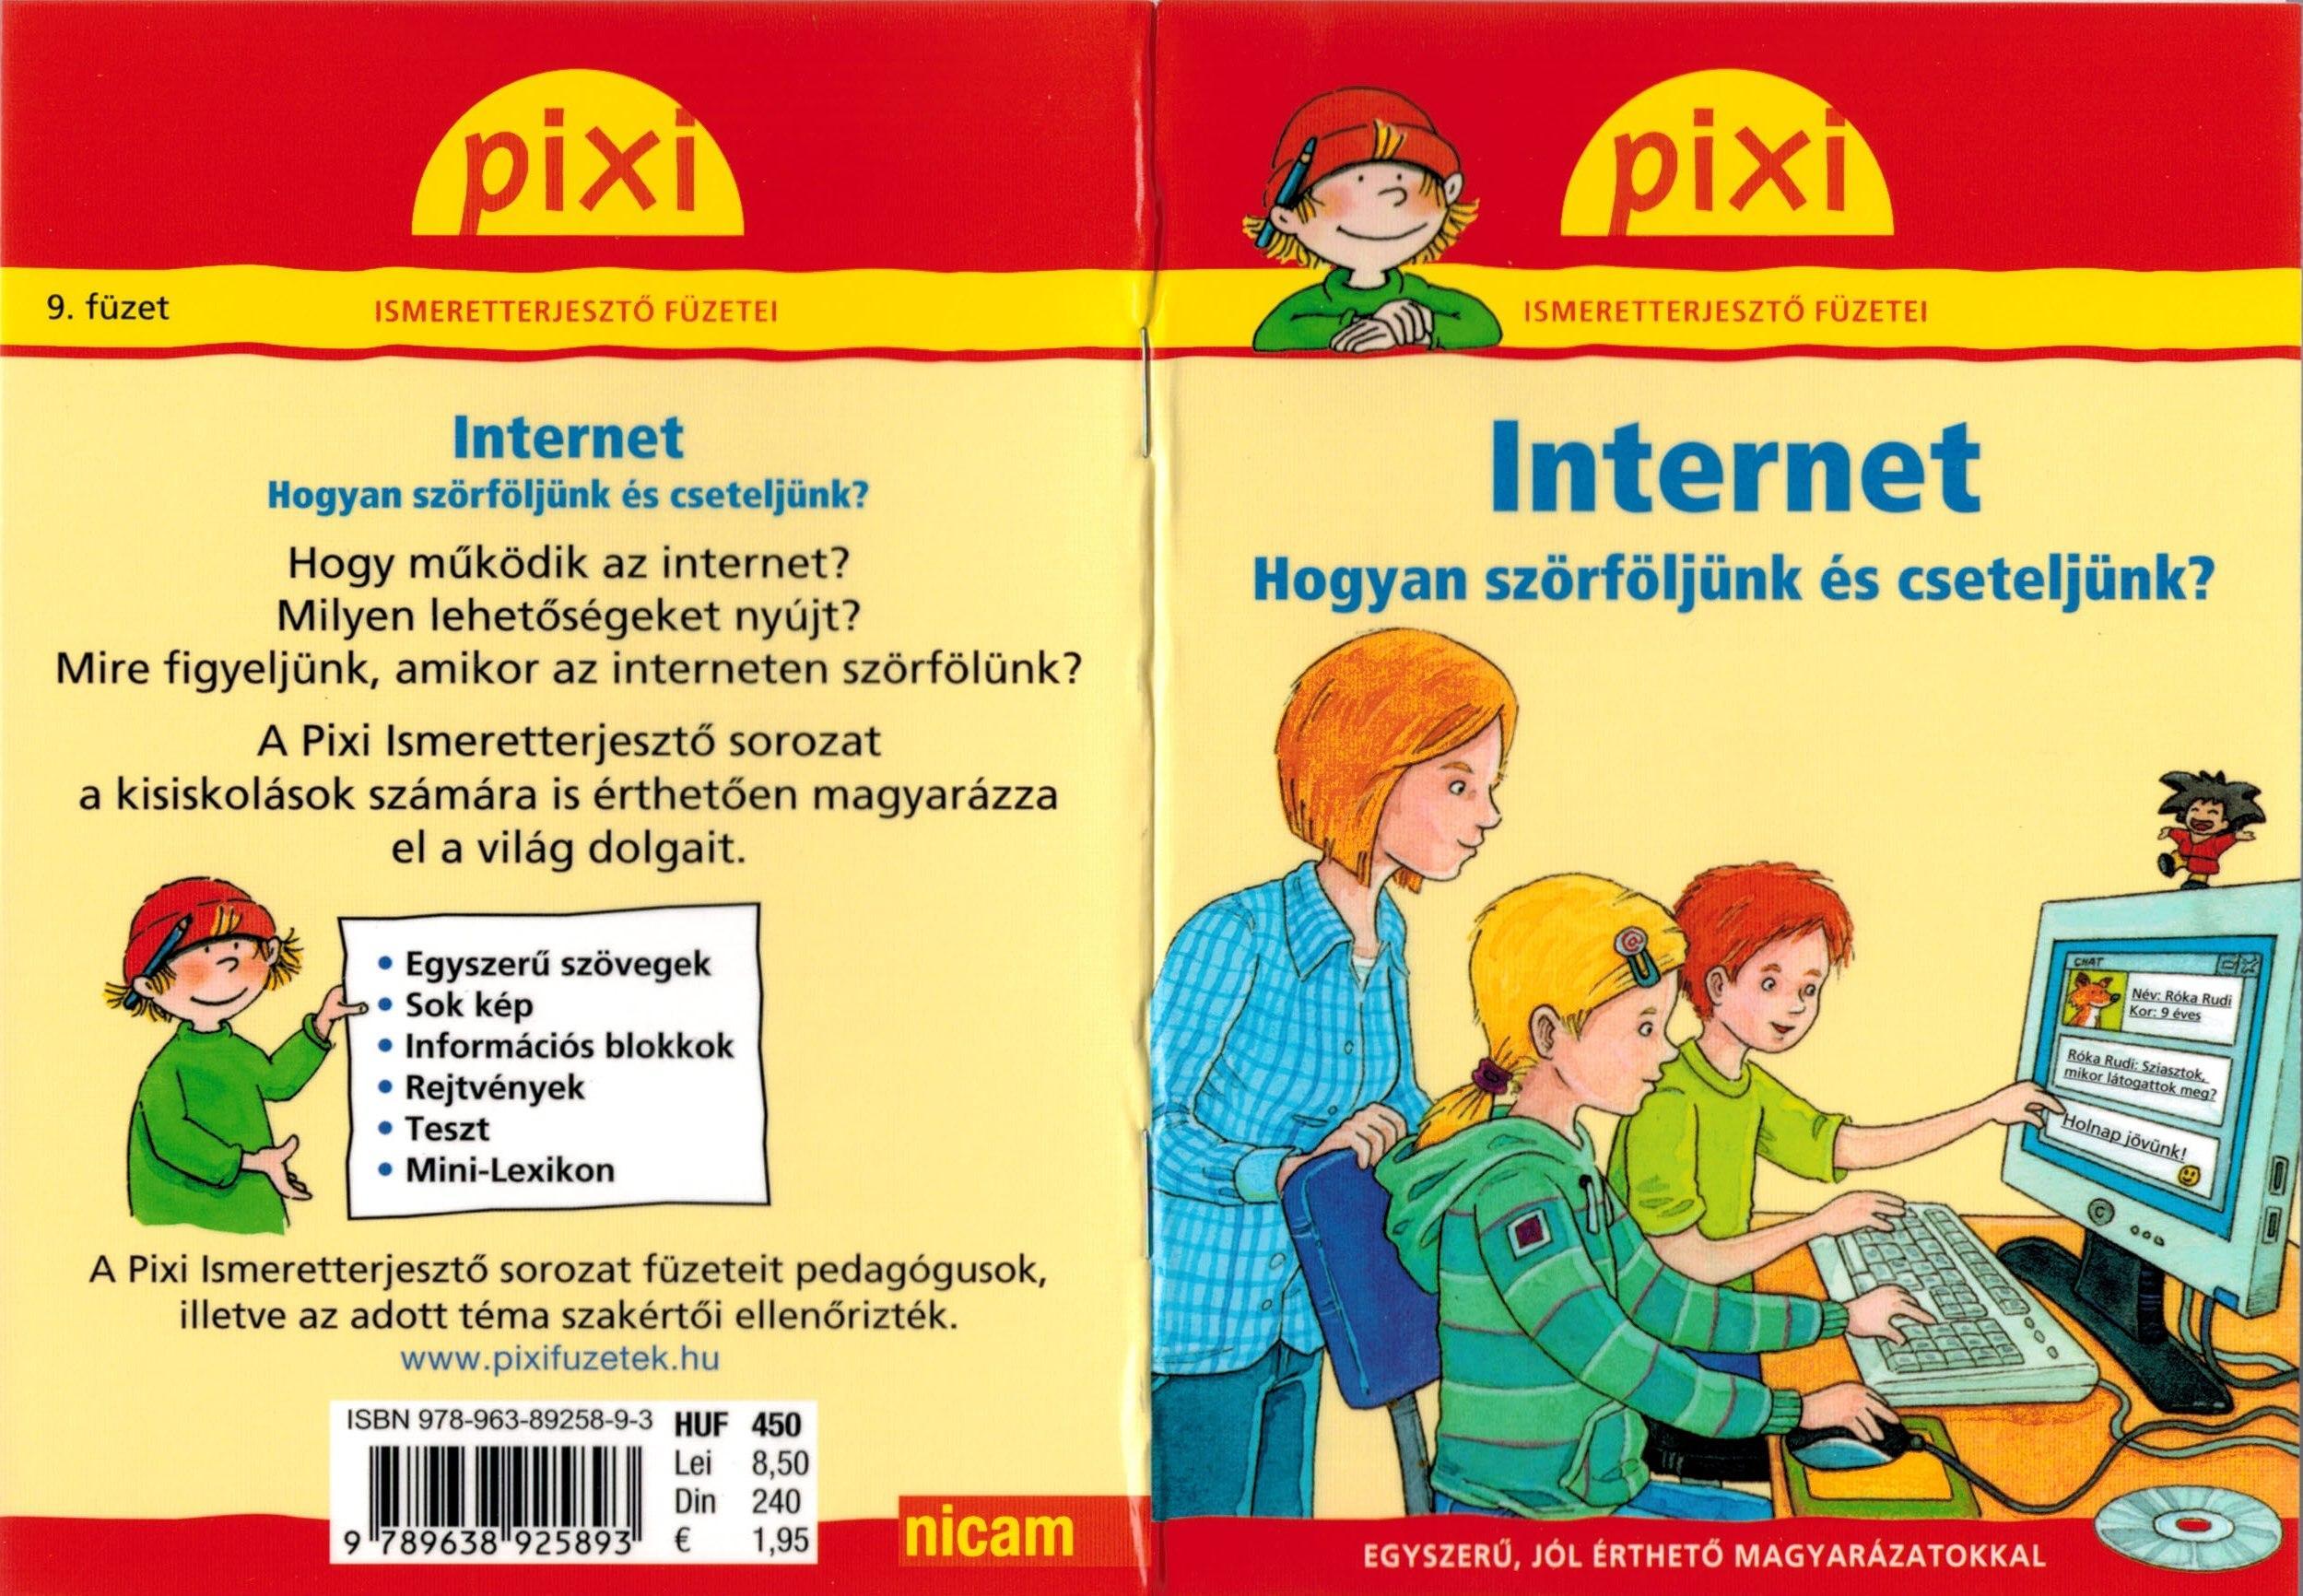 INTERNET - PIXI ISMERETTERJESZTŐ FÜZETEI